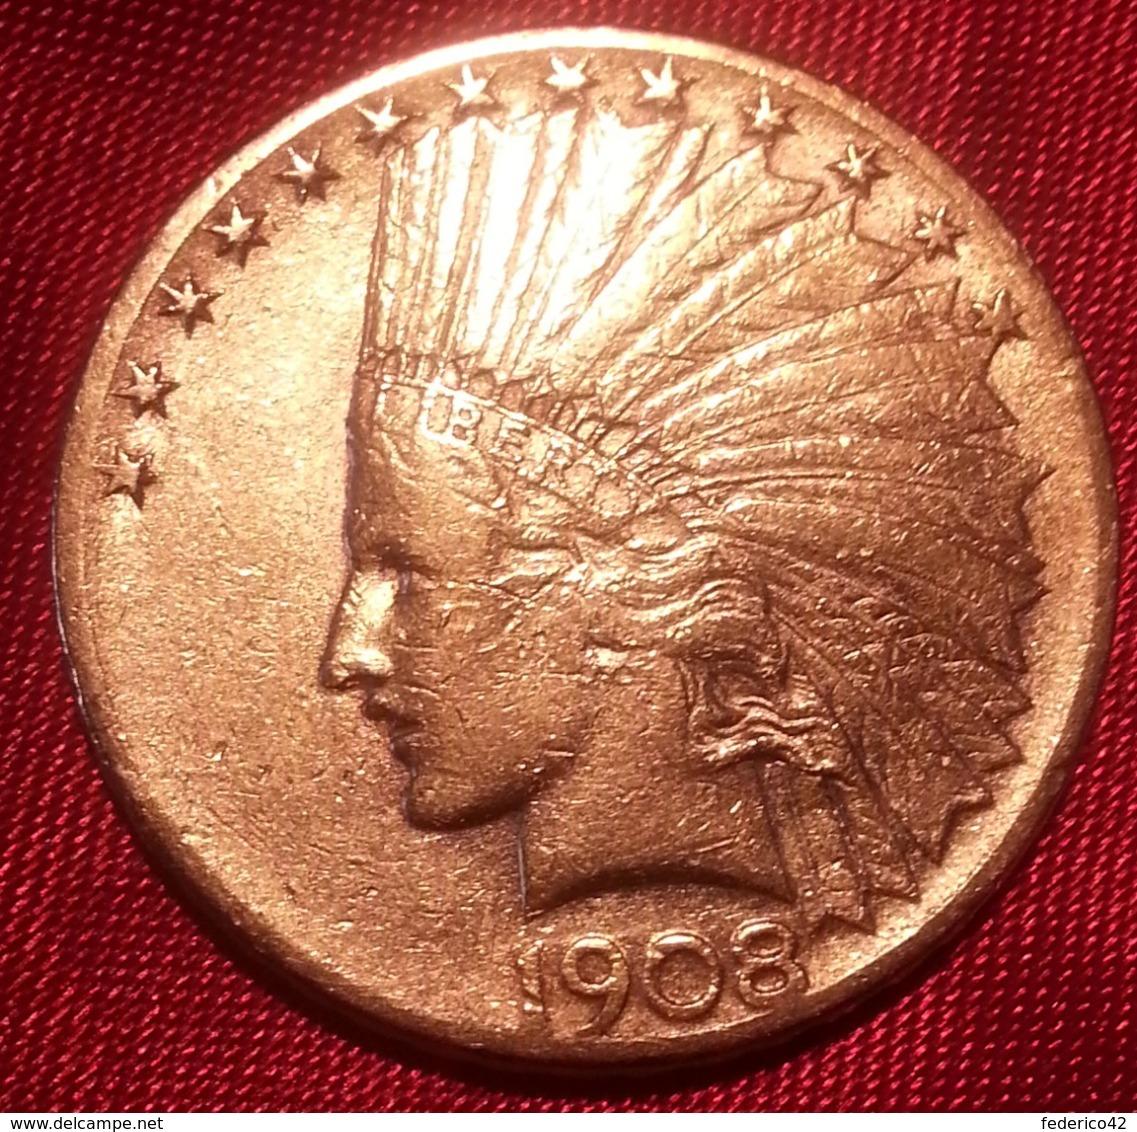 """RARISSIMA MONETA ORO 10 DOLLARI INDIANO 1908 ZECCA """"S"""" SPL STATI UNITI AMERICA - L. Gold (Or)"""